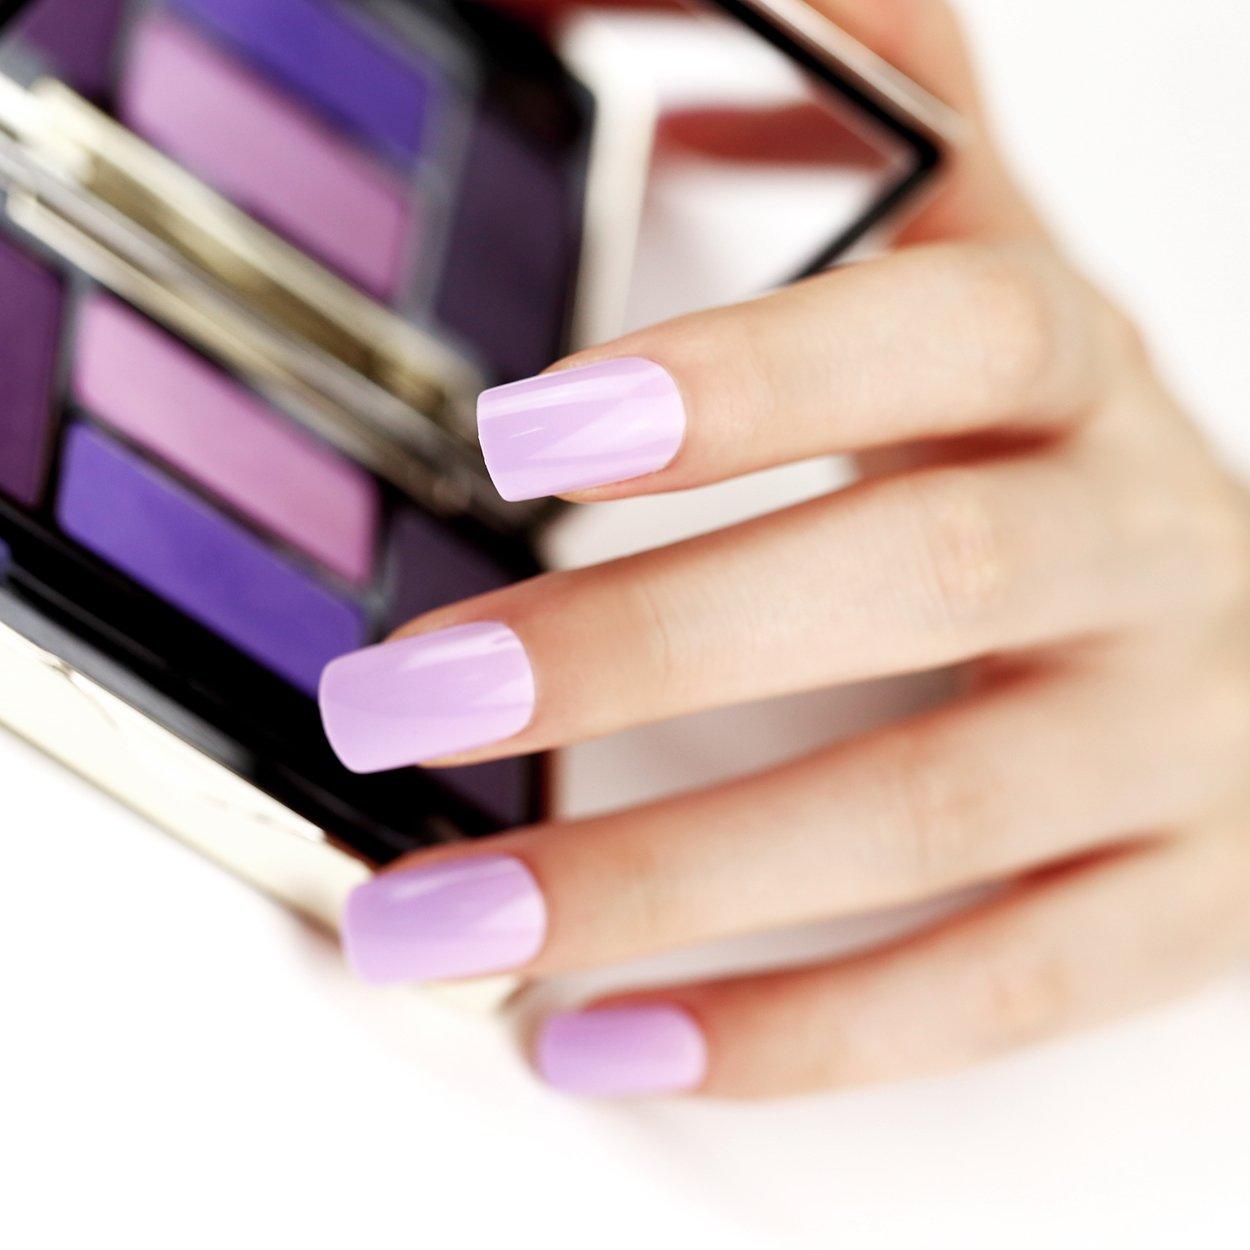 ArtPlus Elegant Lilac Purple Fake Nails Kit Medium Full Cover with Glue 24pcs Premium Pack False Nails (24pcs x 3 (3-Pack))